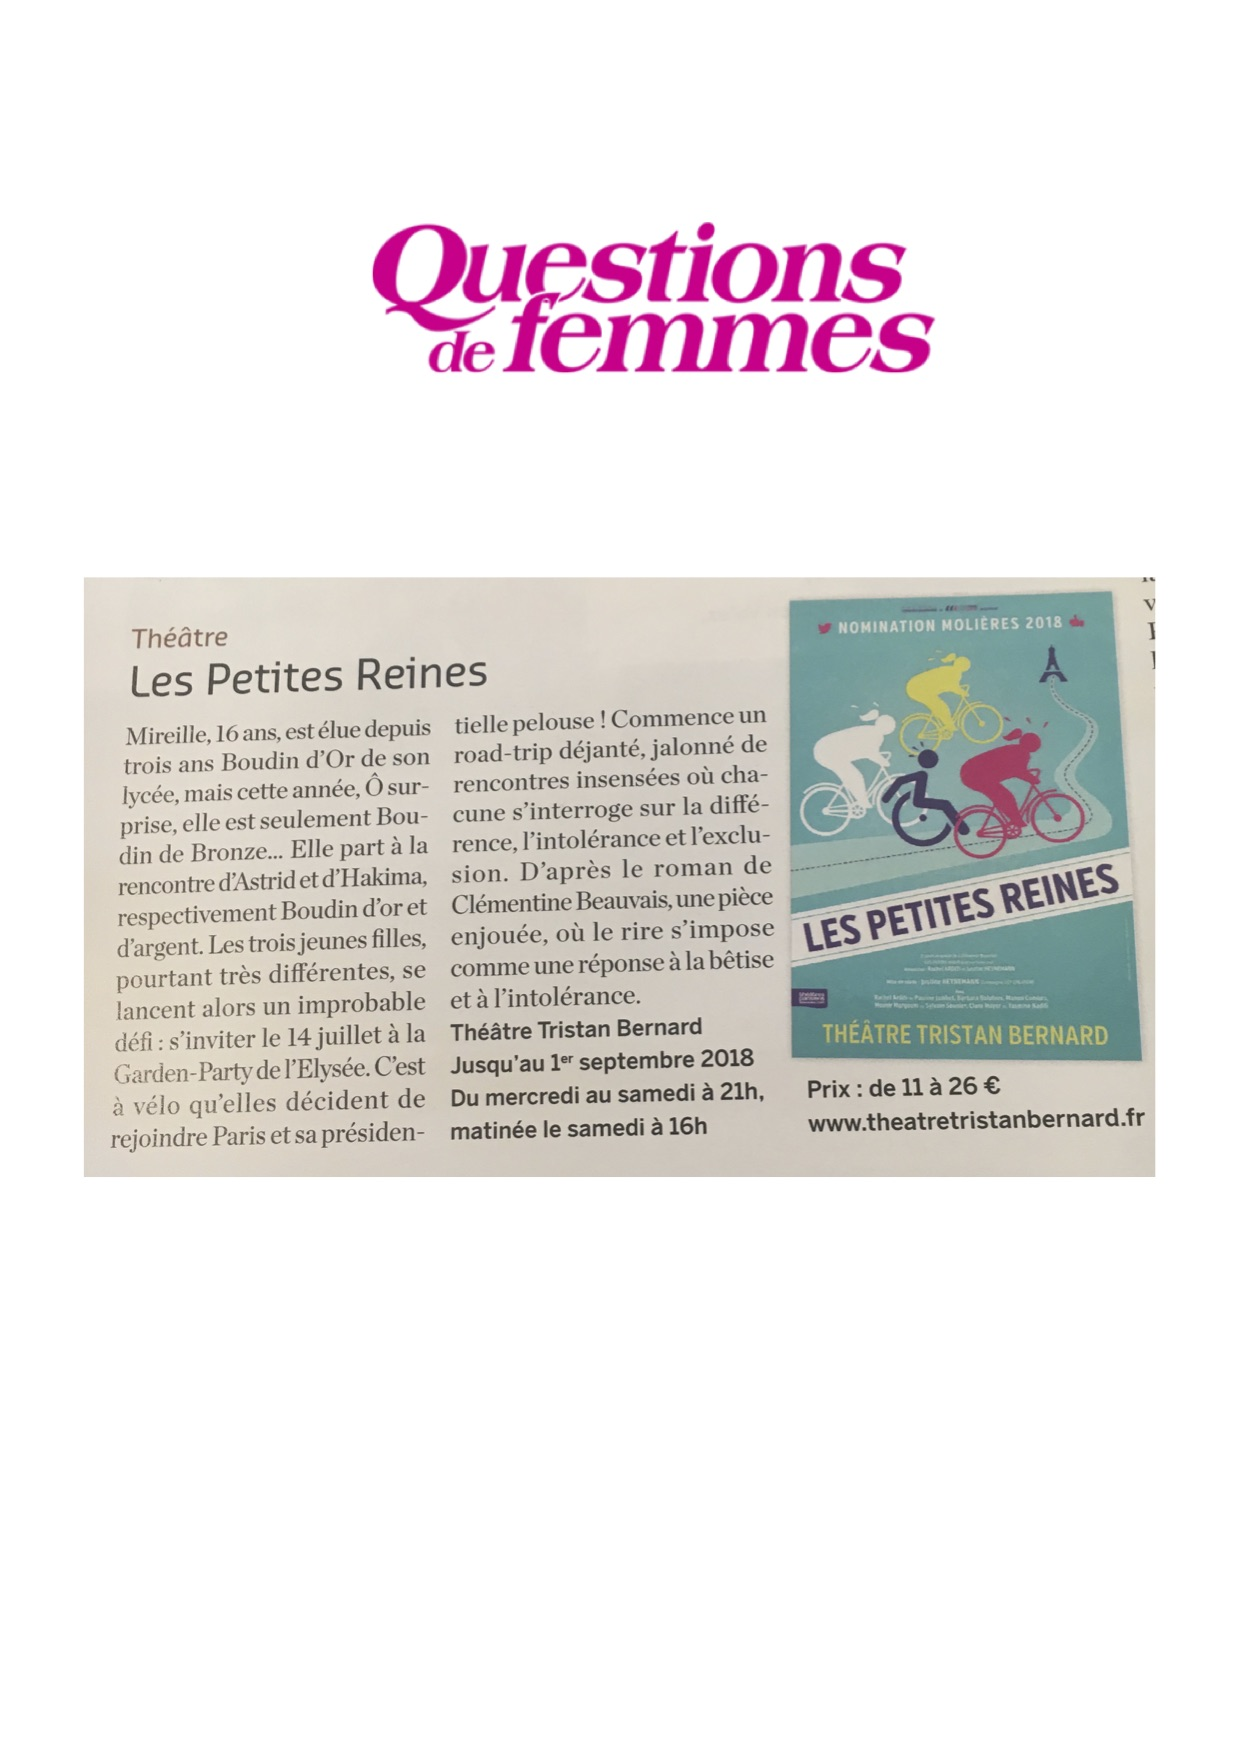 Questions de femmes 05.06.18